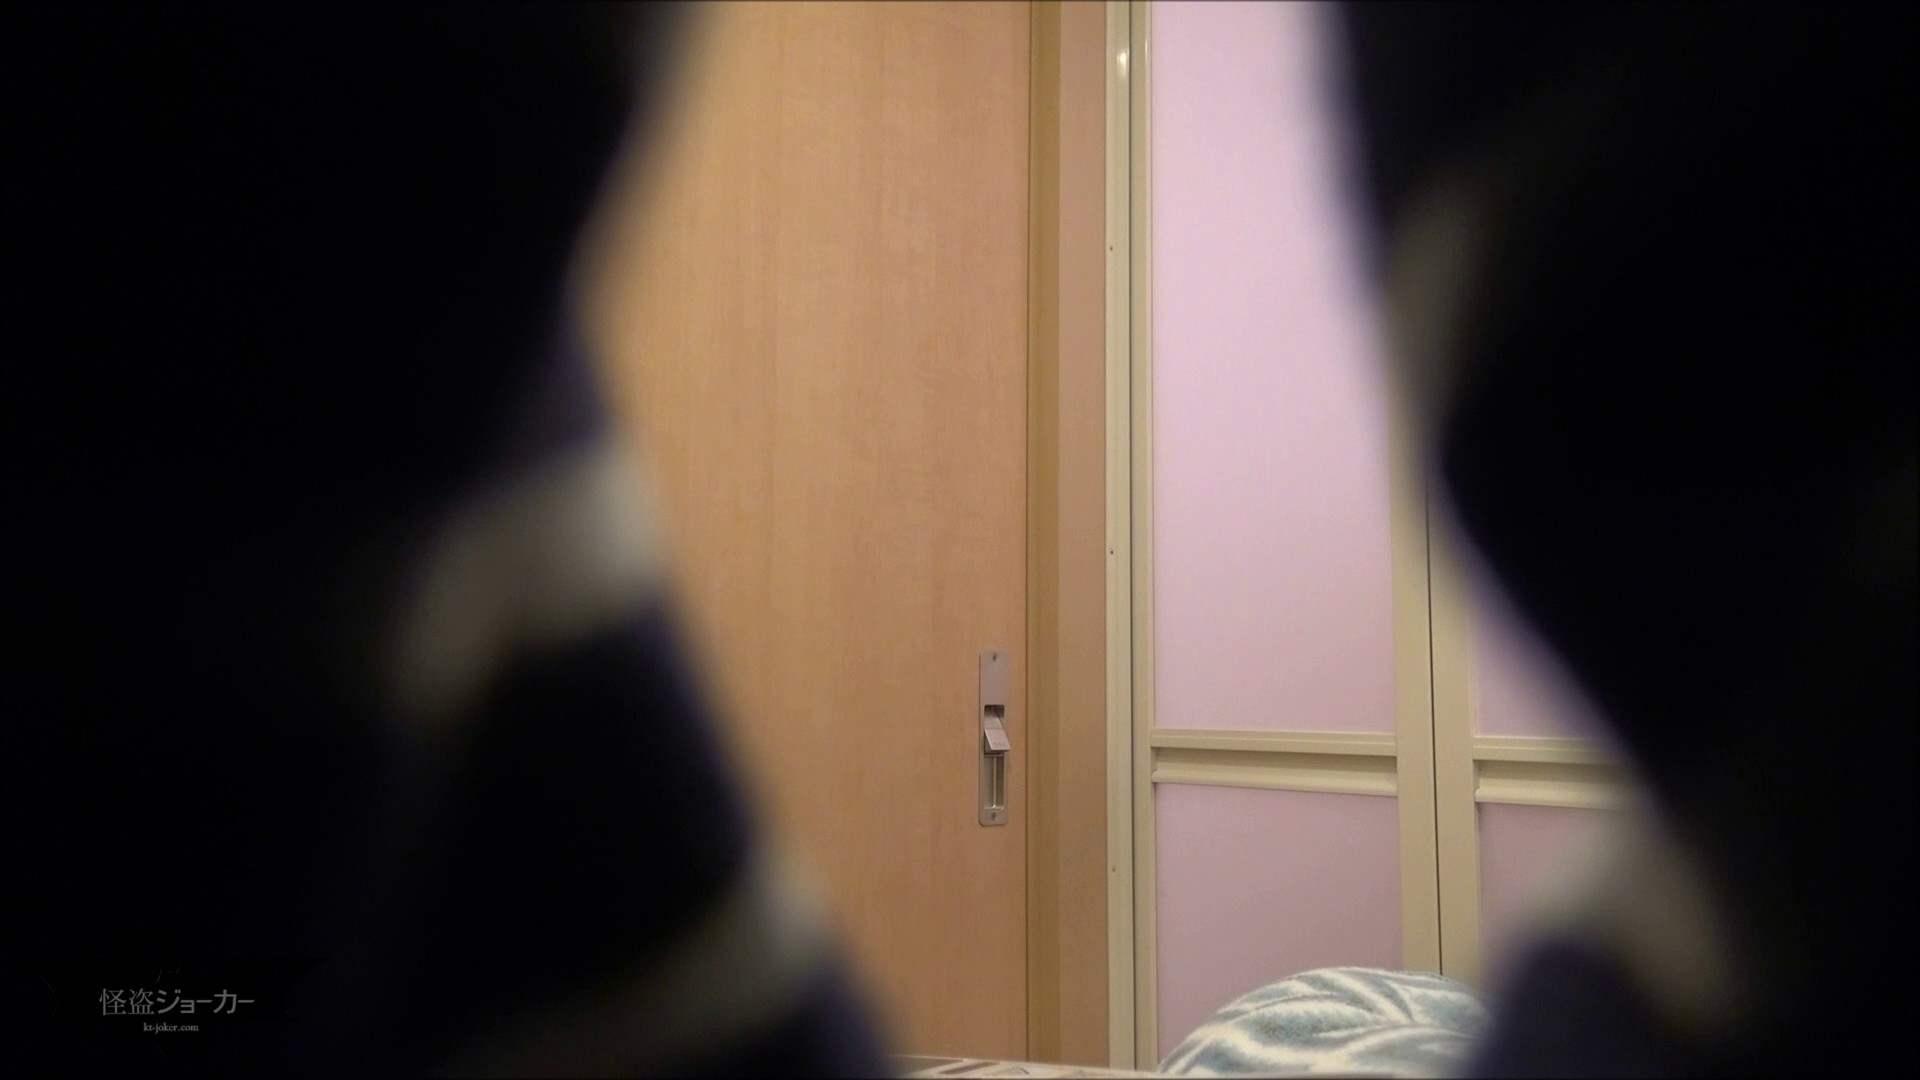 【未公開】vol.105 {爆乳女子と貧乳女子}カナミ&マリ【前編】 イタズラ エロ無料画像 49画像 21